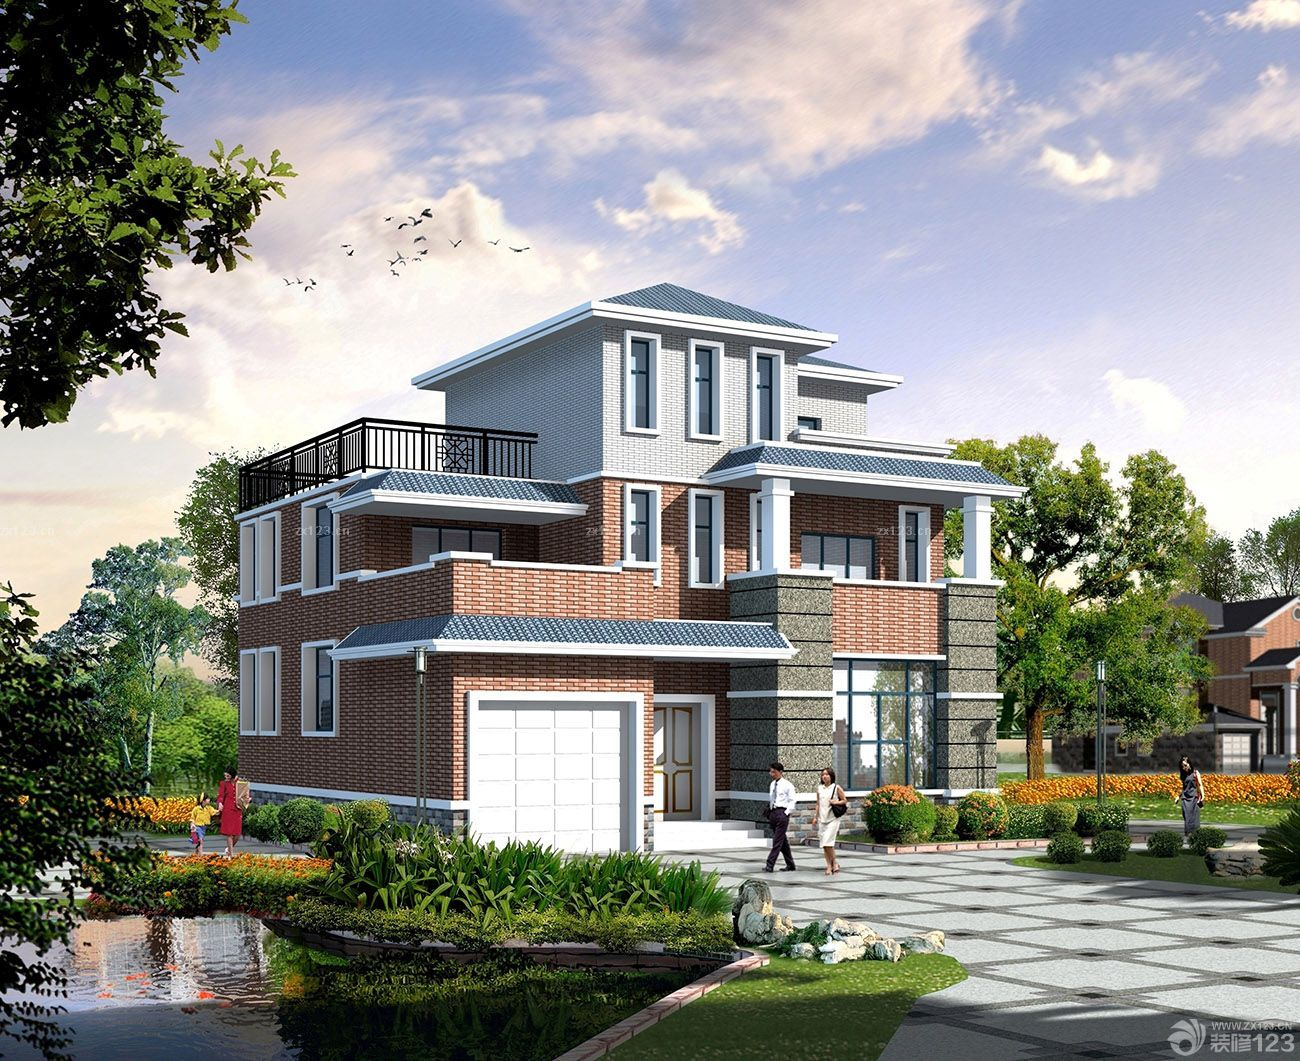 2015新款二层楼房农村外墙瓷砖装修外景图